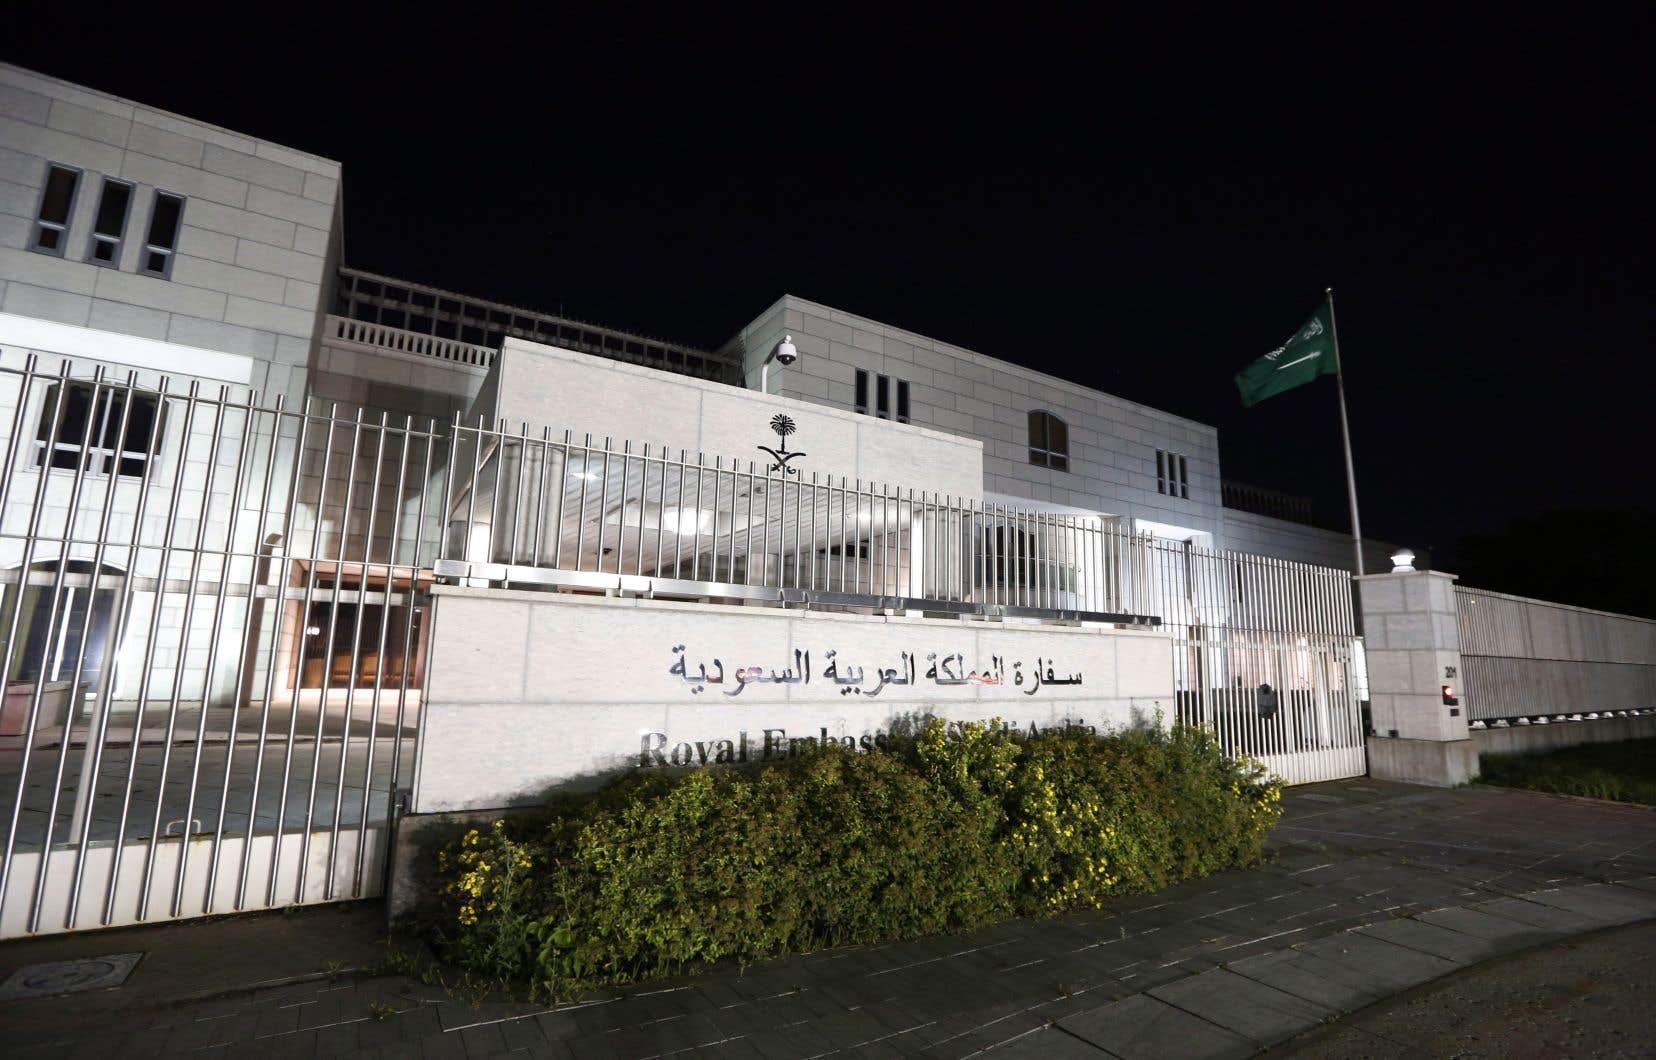 L'ambassade de l'Arabie saoudite à Ottawa